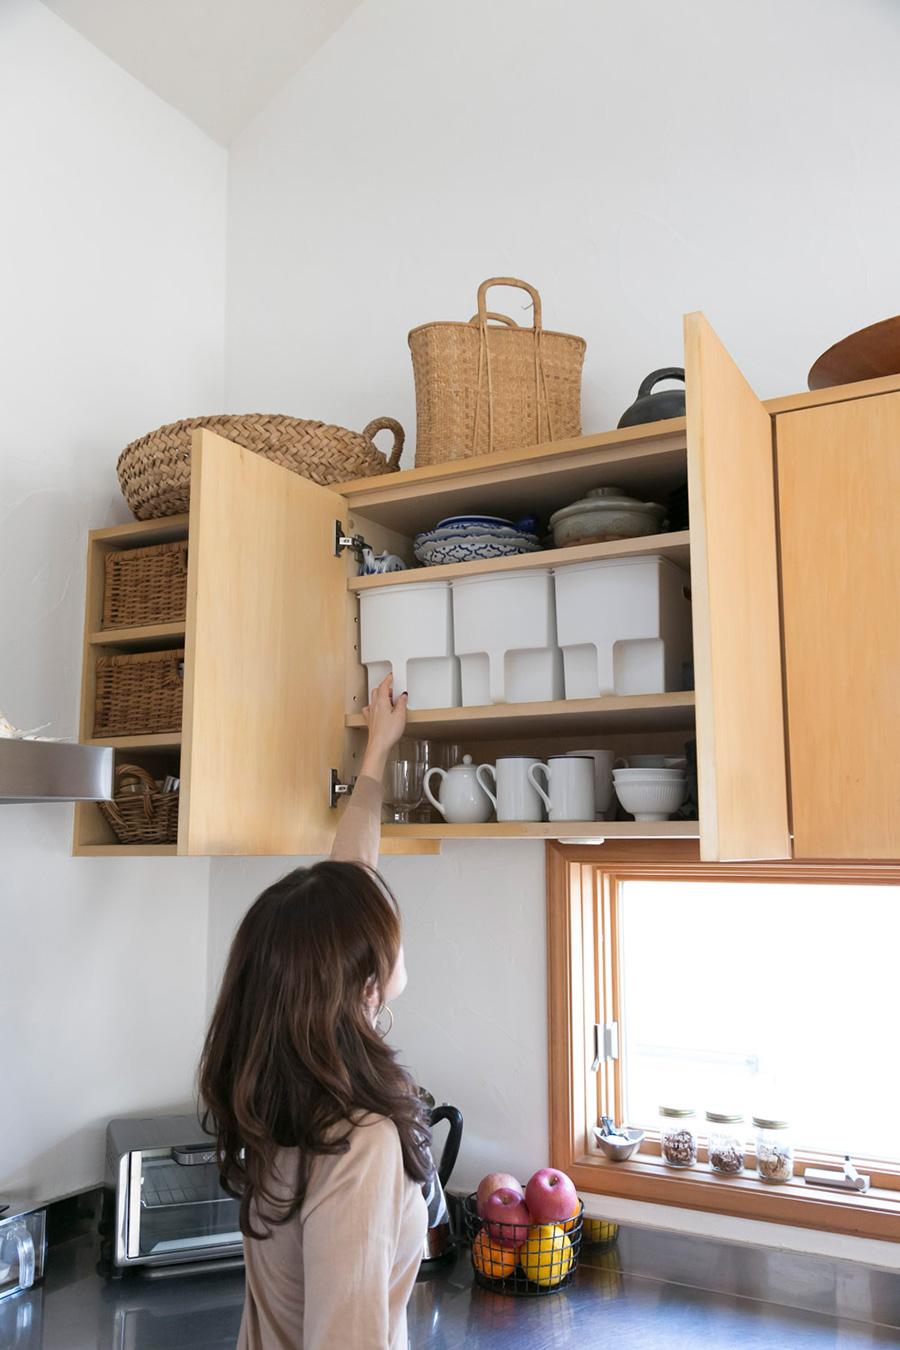 いつも使うものは取り出しやすい位置に。収納ケースもシンプルな白を選び、中身を隠している。